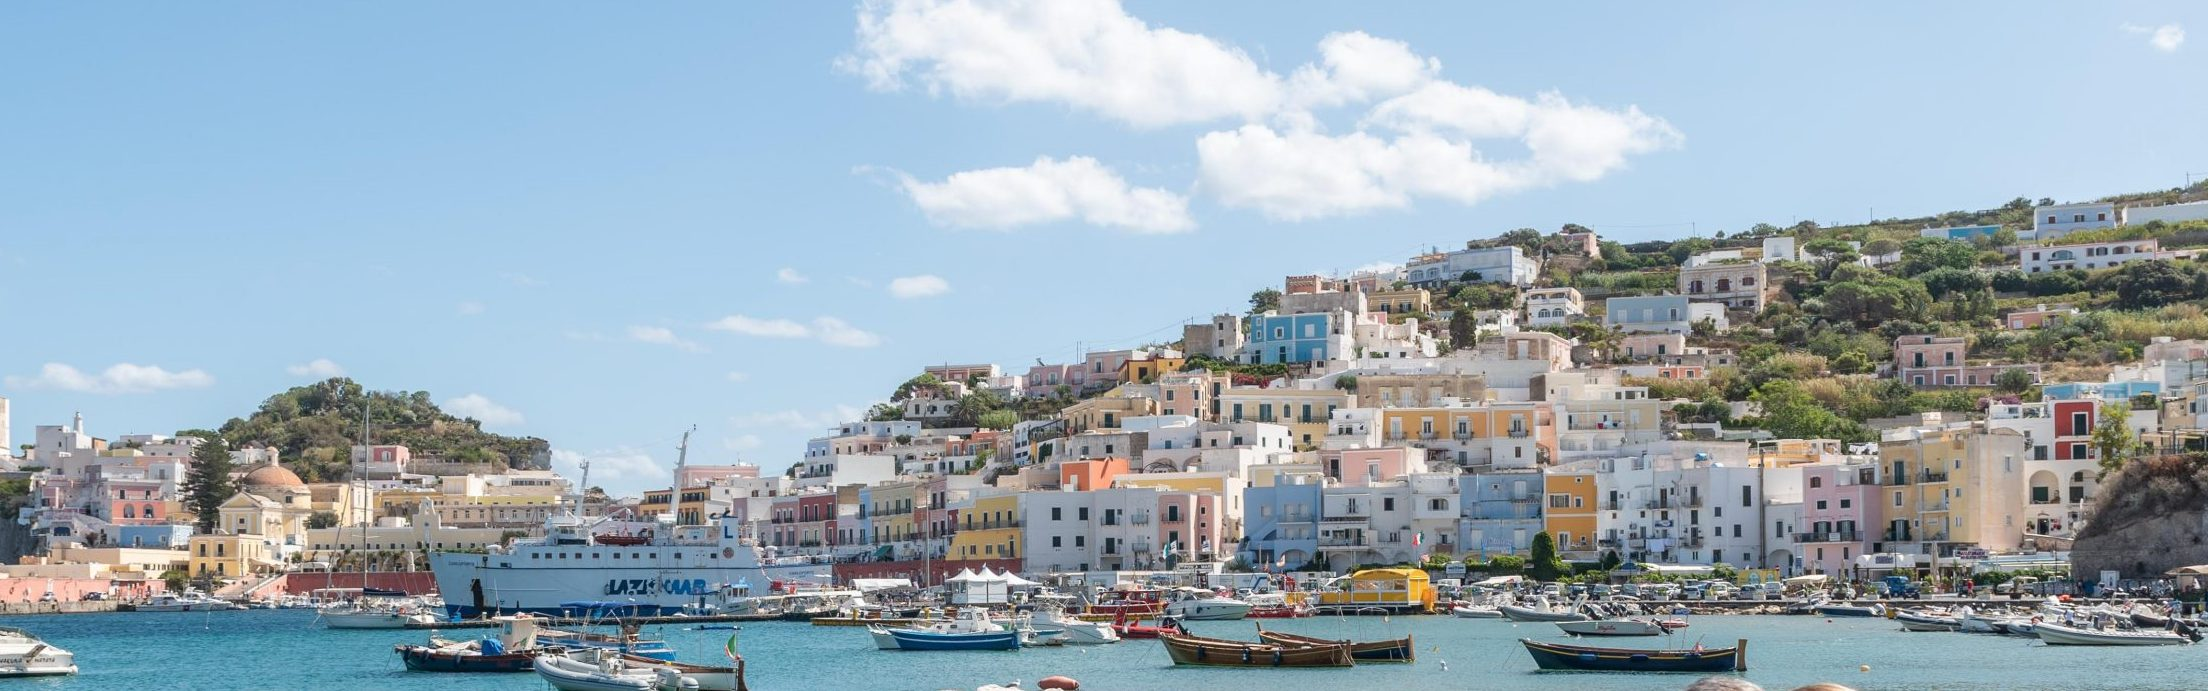 L'isola di Ponza, dove dormire per sentirsi come a casa